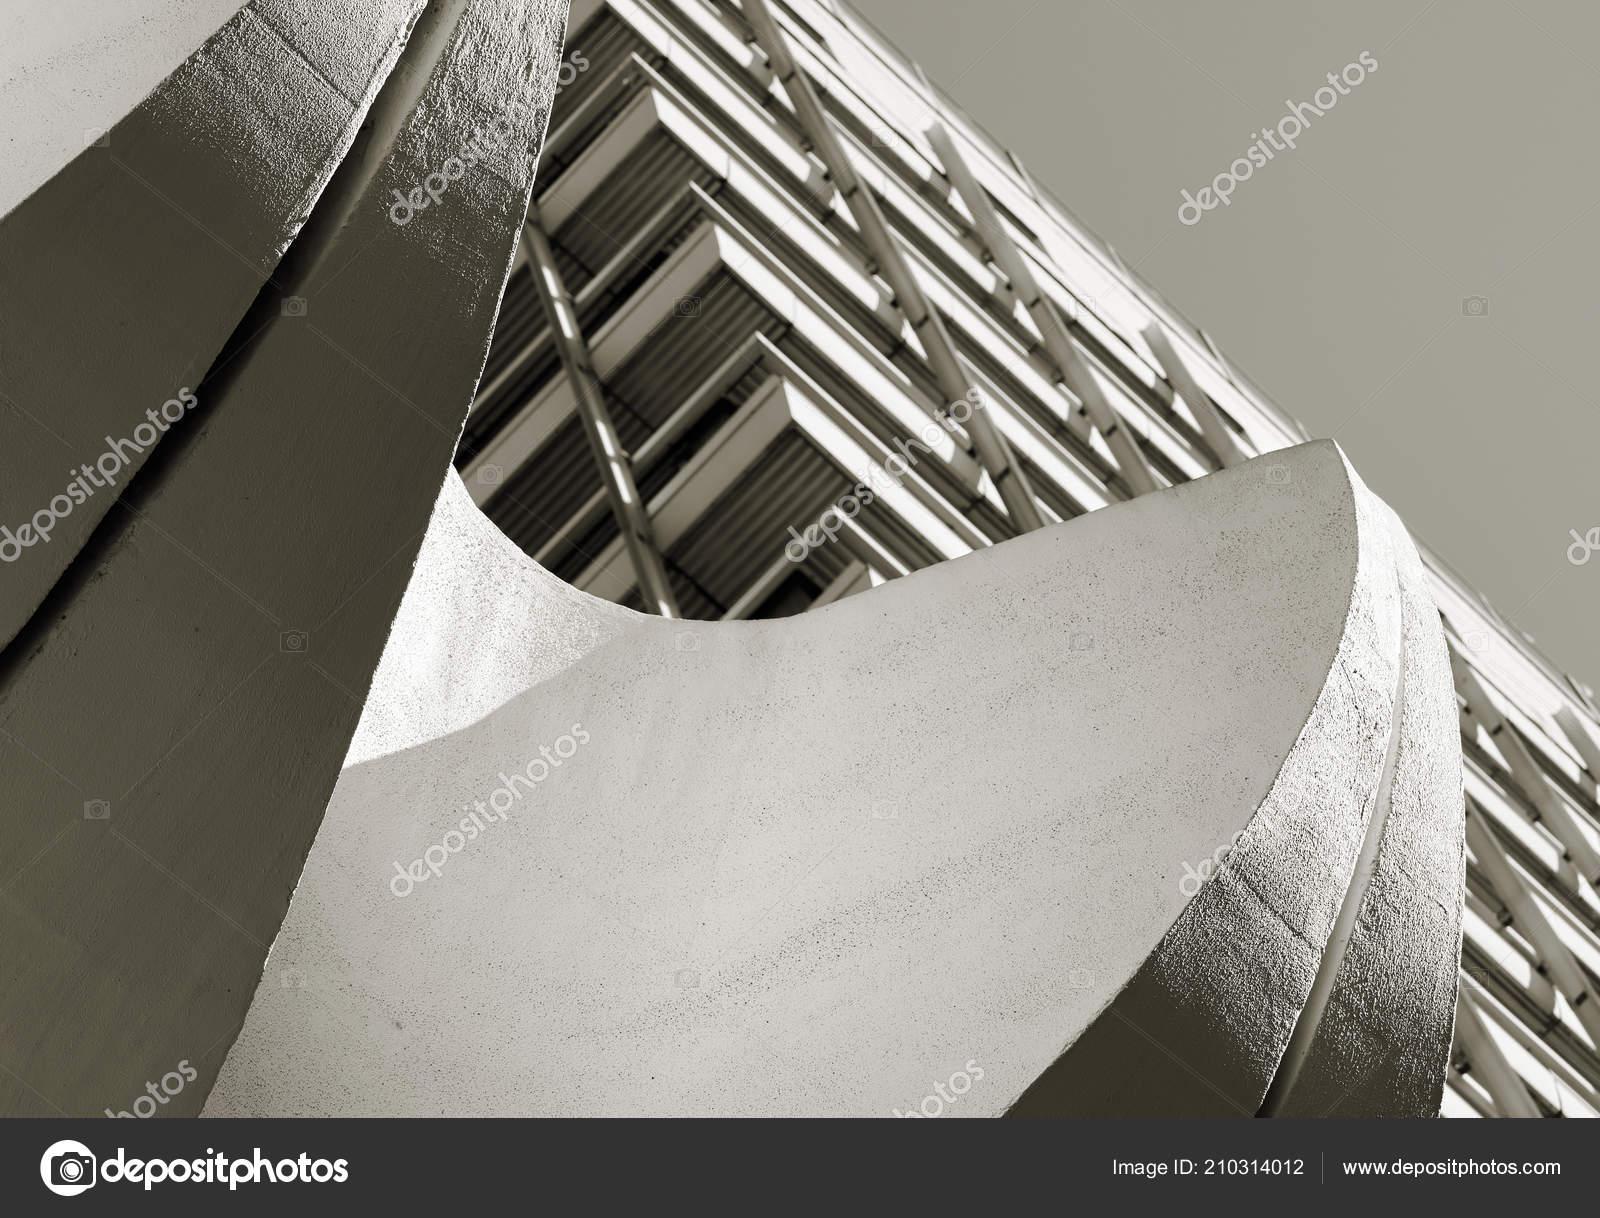 Kantoorgebouw het centrum van berlijn met betonelementen bij ingang